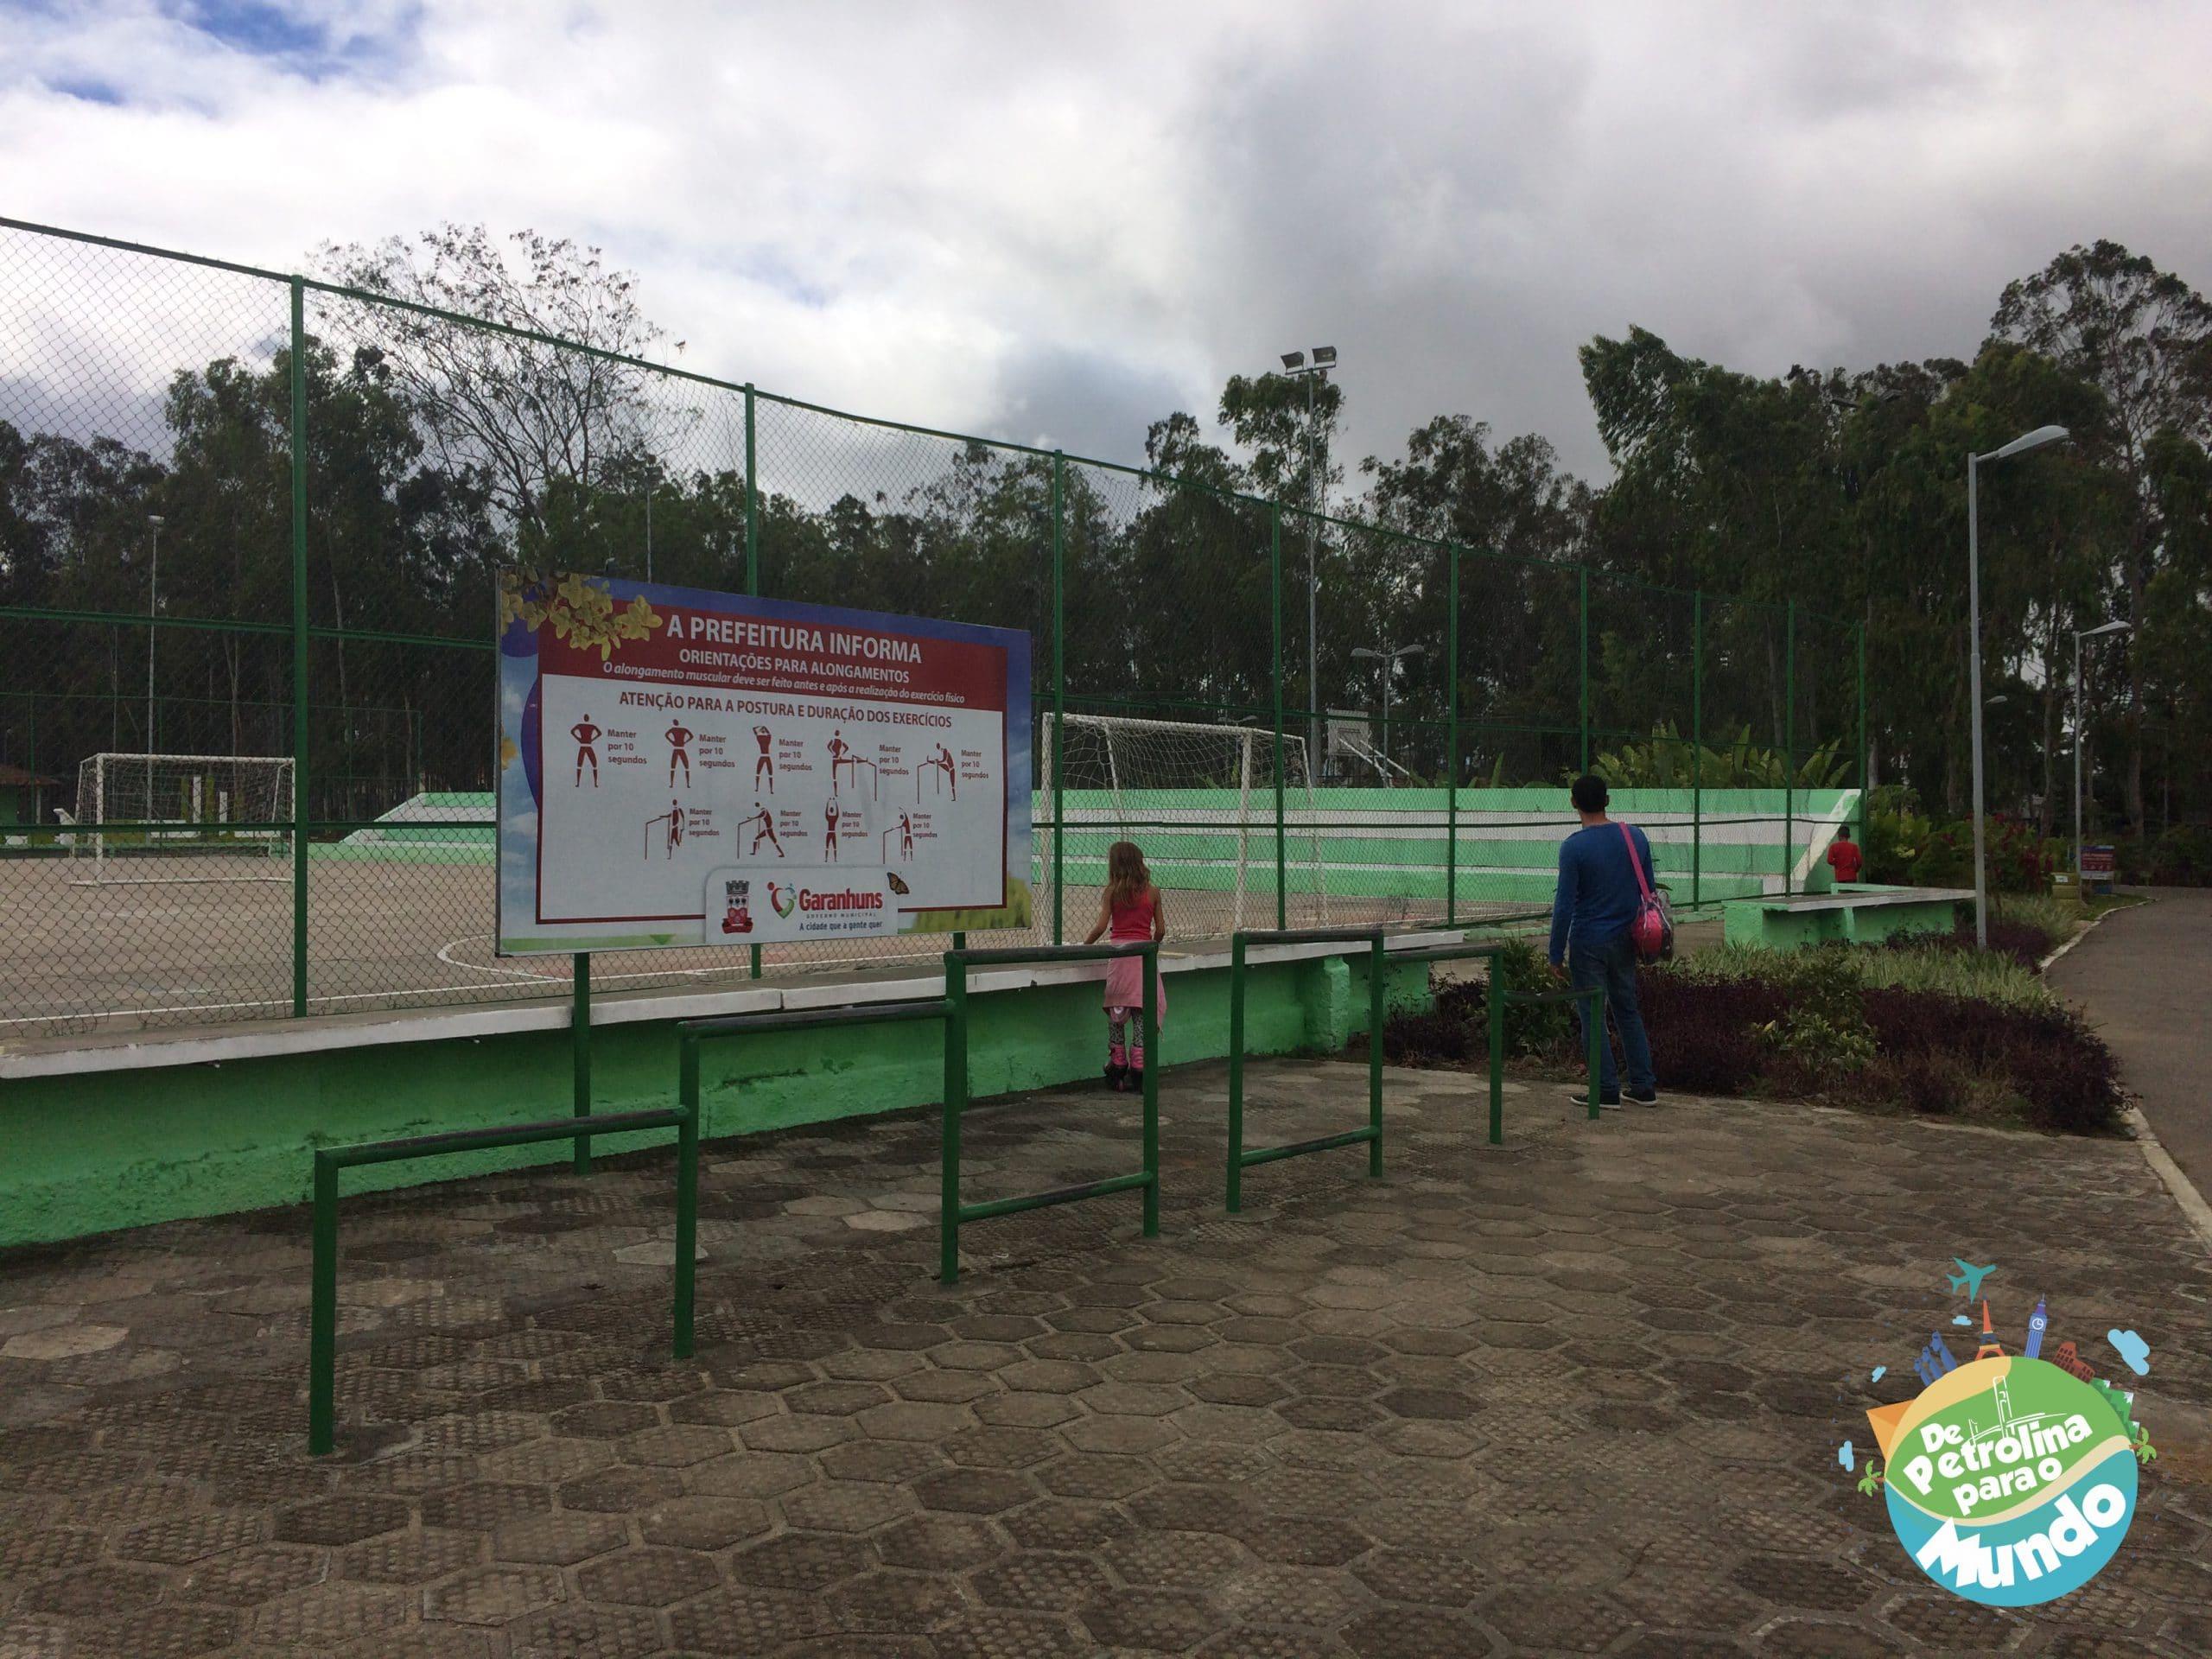 Parque em Garanhuns PE